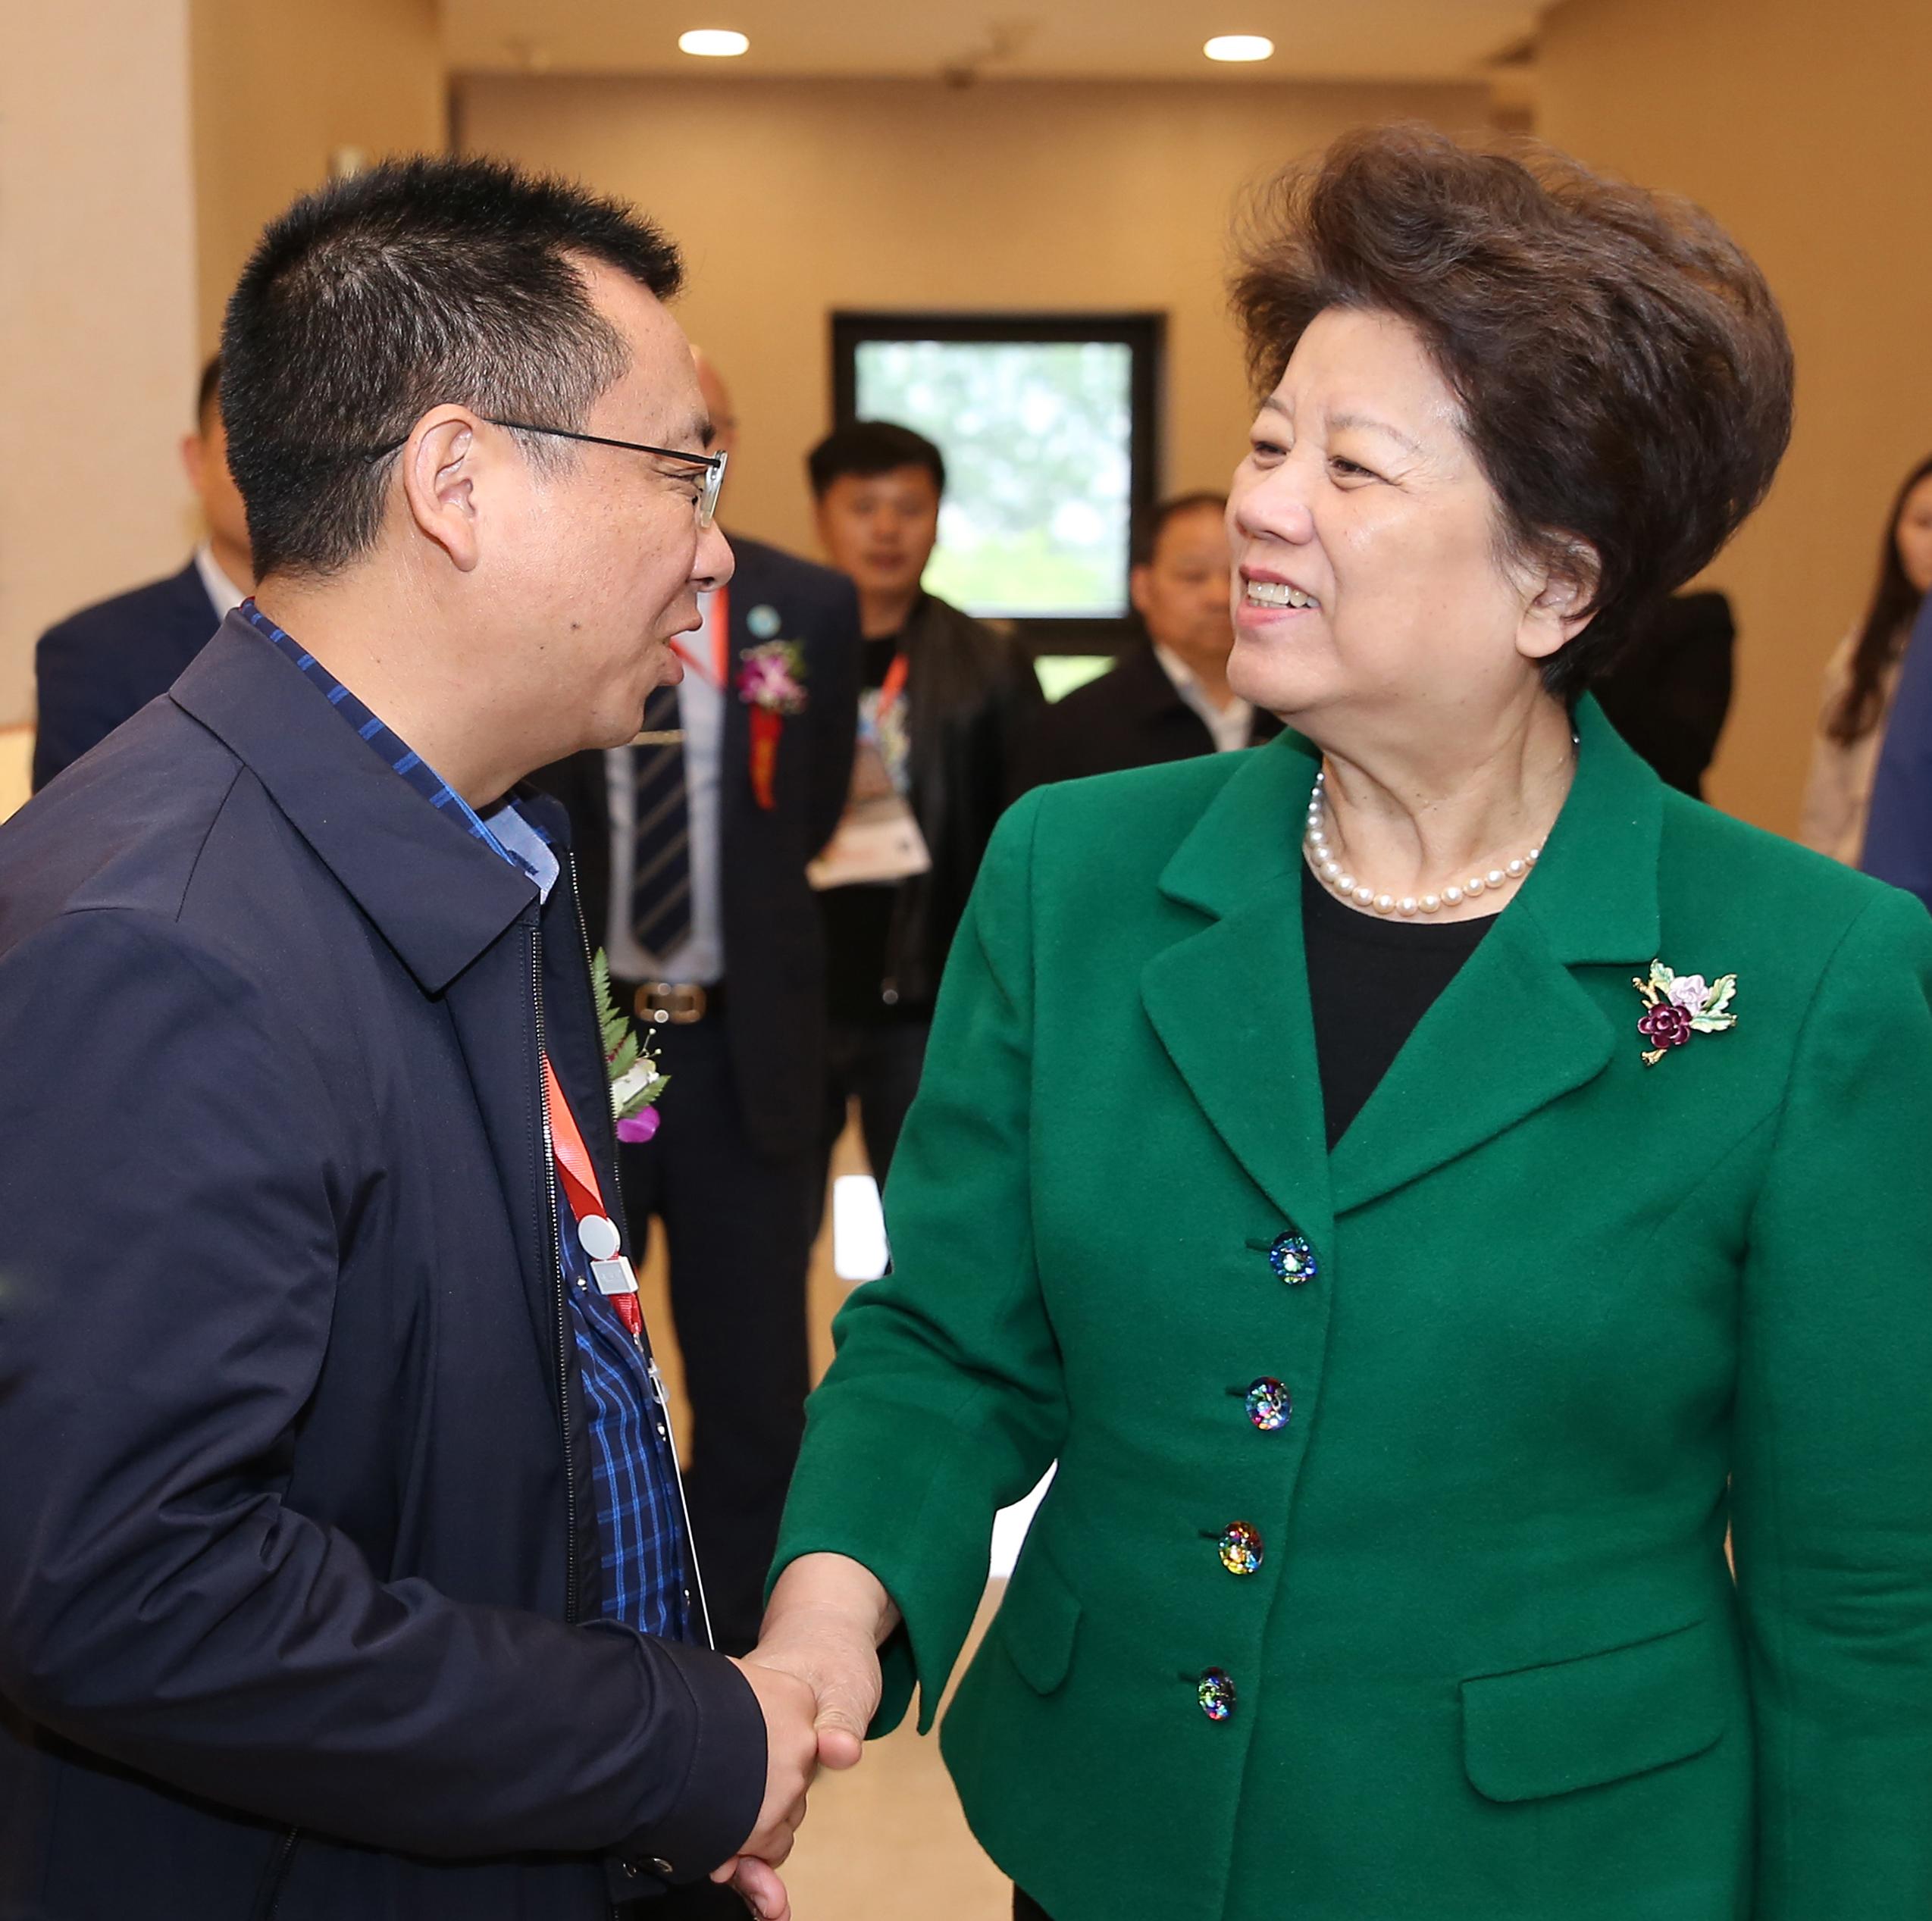 原国务委员、第十一届全国人大常委会副委员长陈至立与刘钒董事长亲切握手